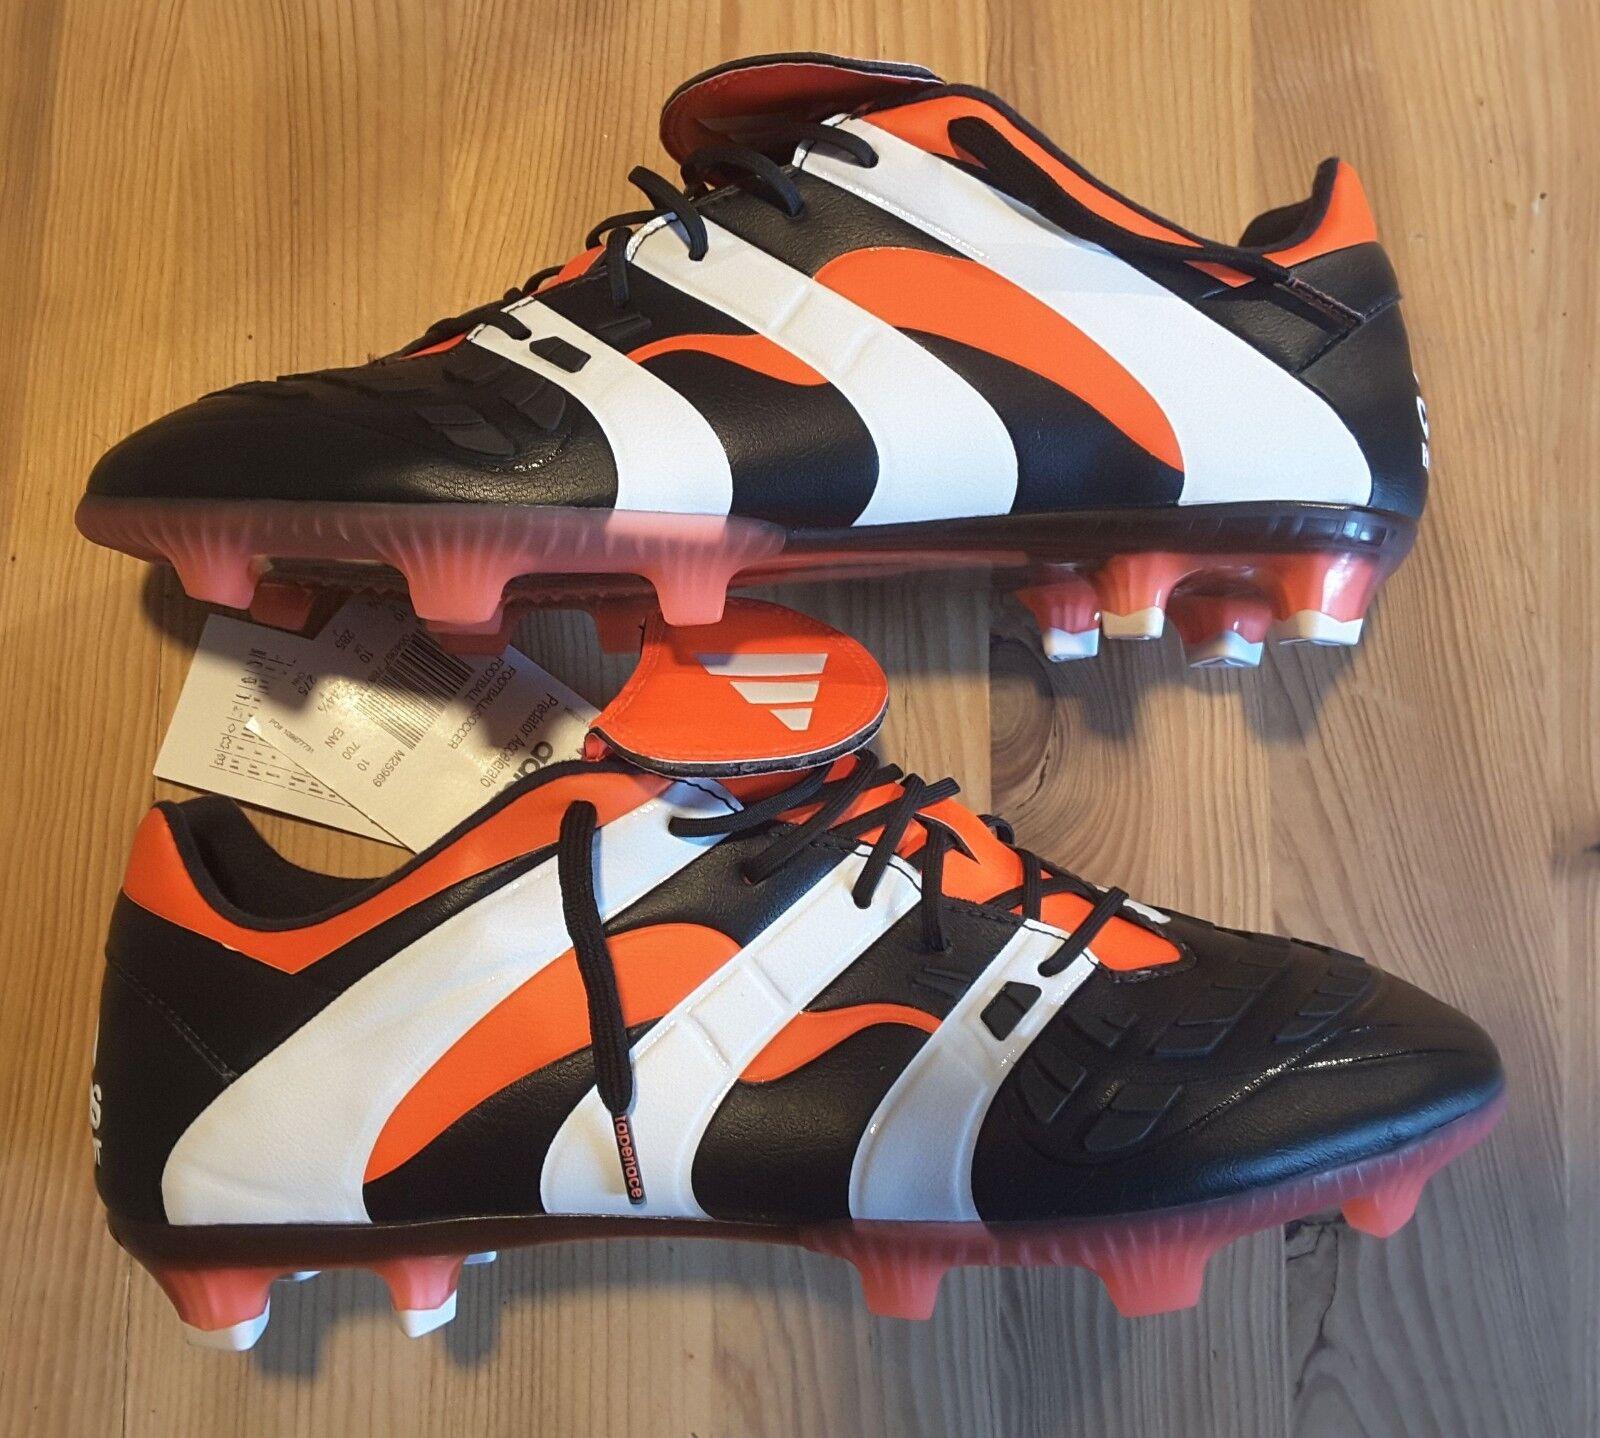 Nuevo Y En Caja Adidas projoator accelerator fg botas de fútbol 10 44 2 3 venganza Pack remake